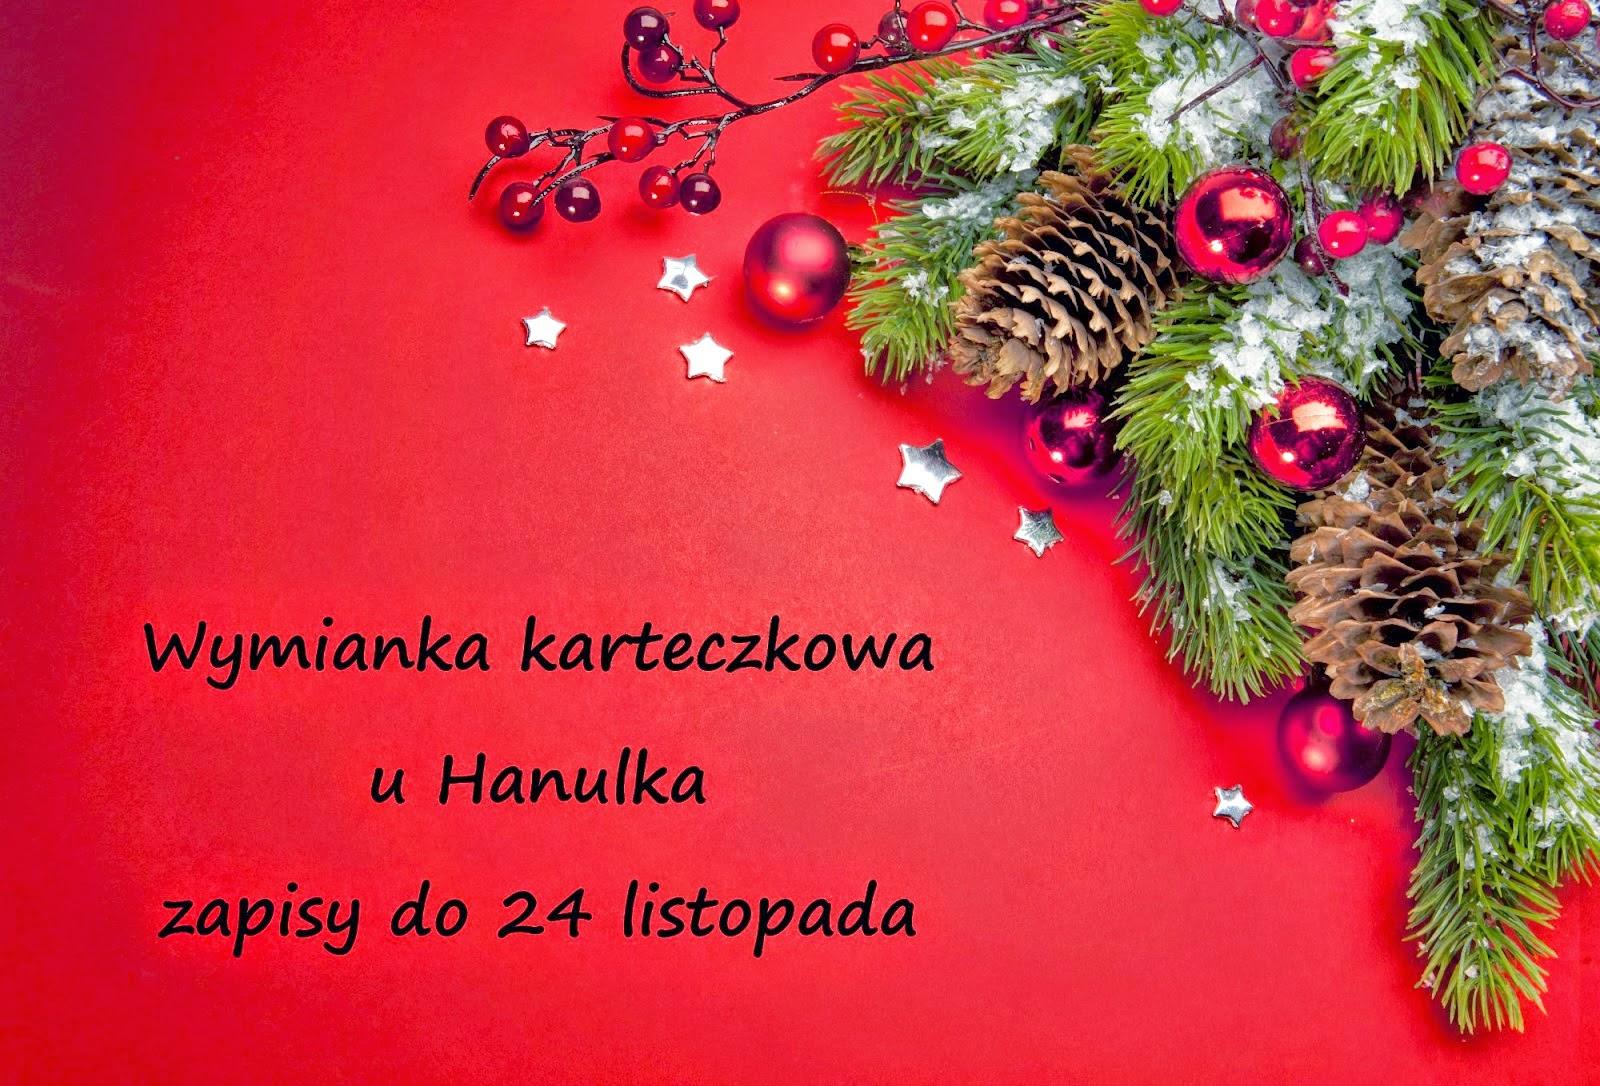 Wymianka bożonarodzeniowa u Hanulka